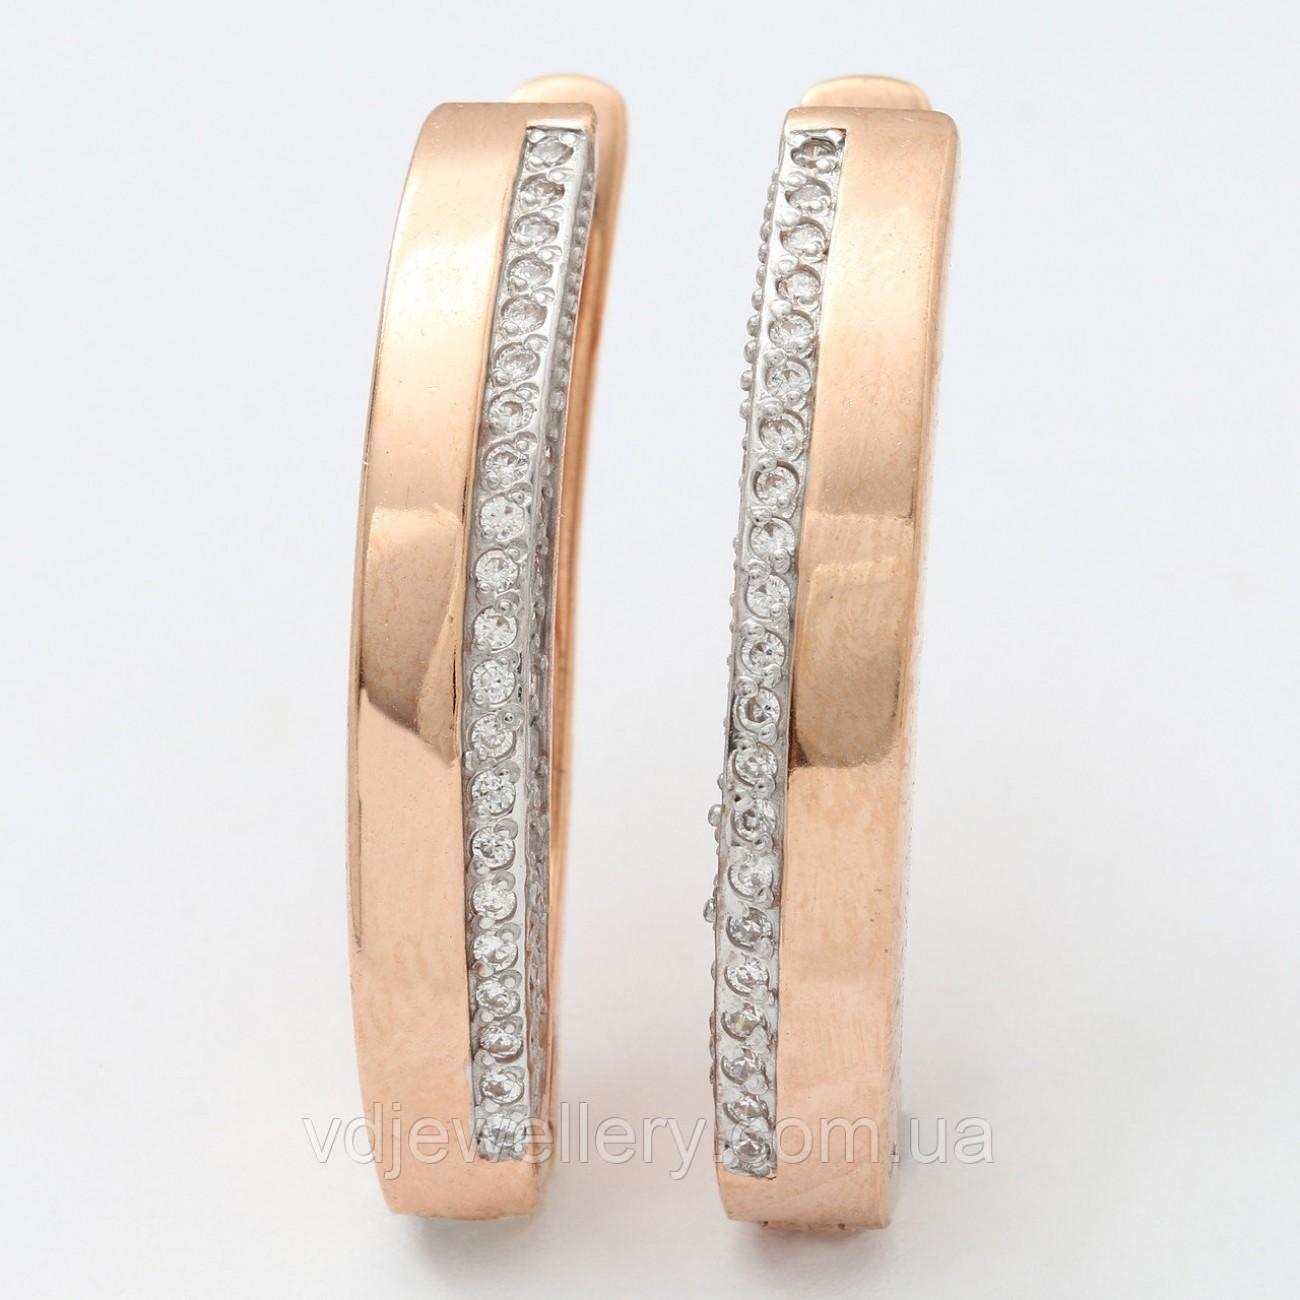 Позолоченные серебряные серьги СЖХ-161